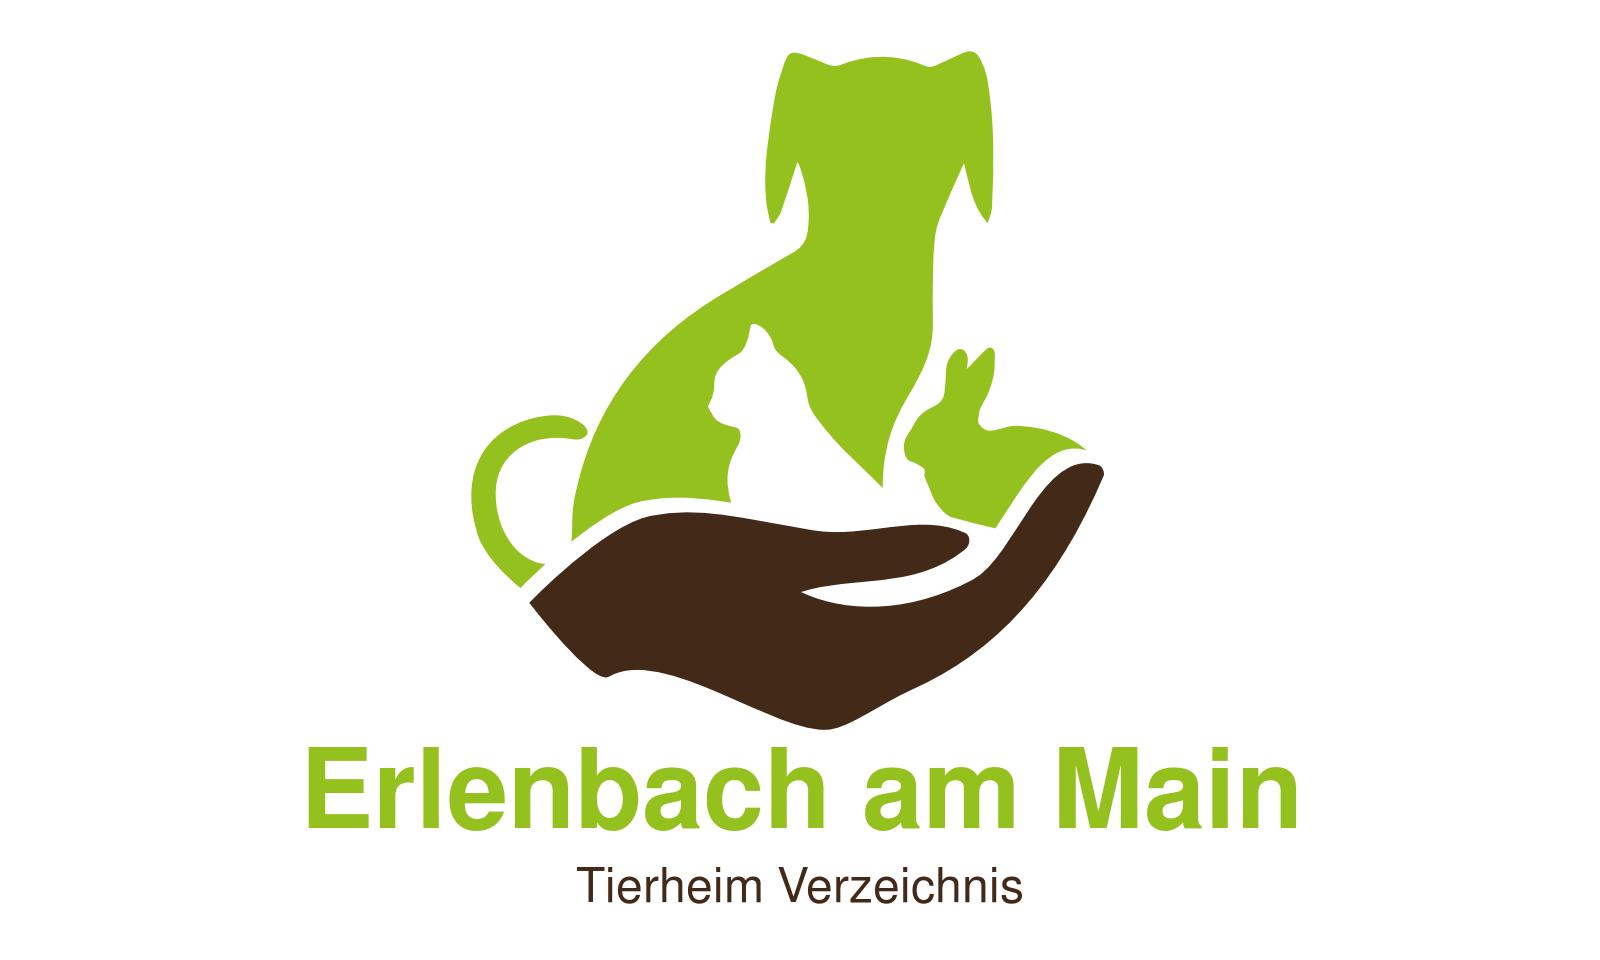 Tierheim Erlenbach am Main